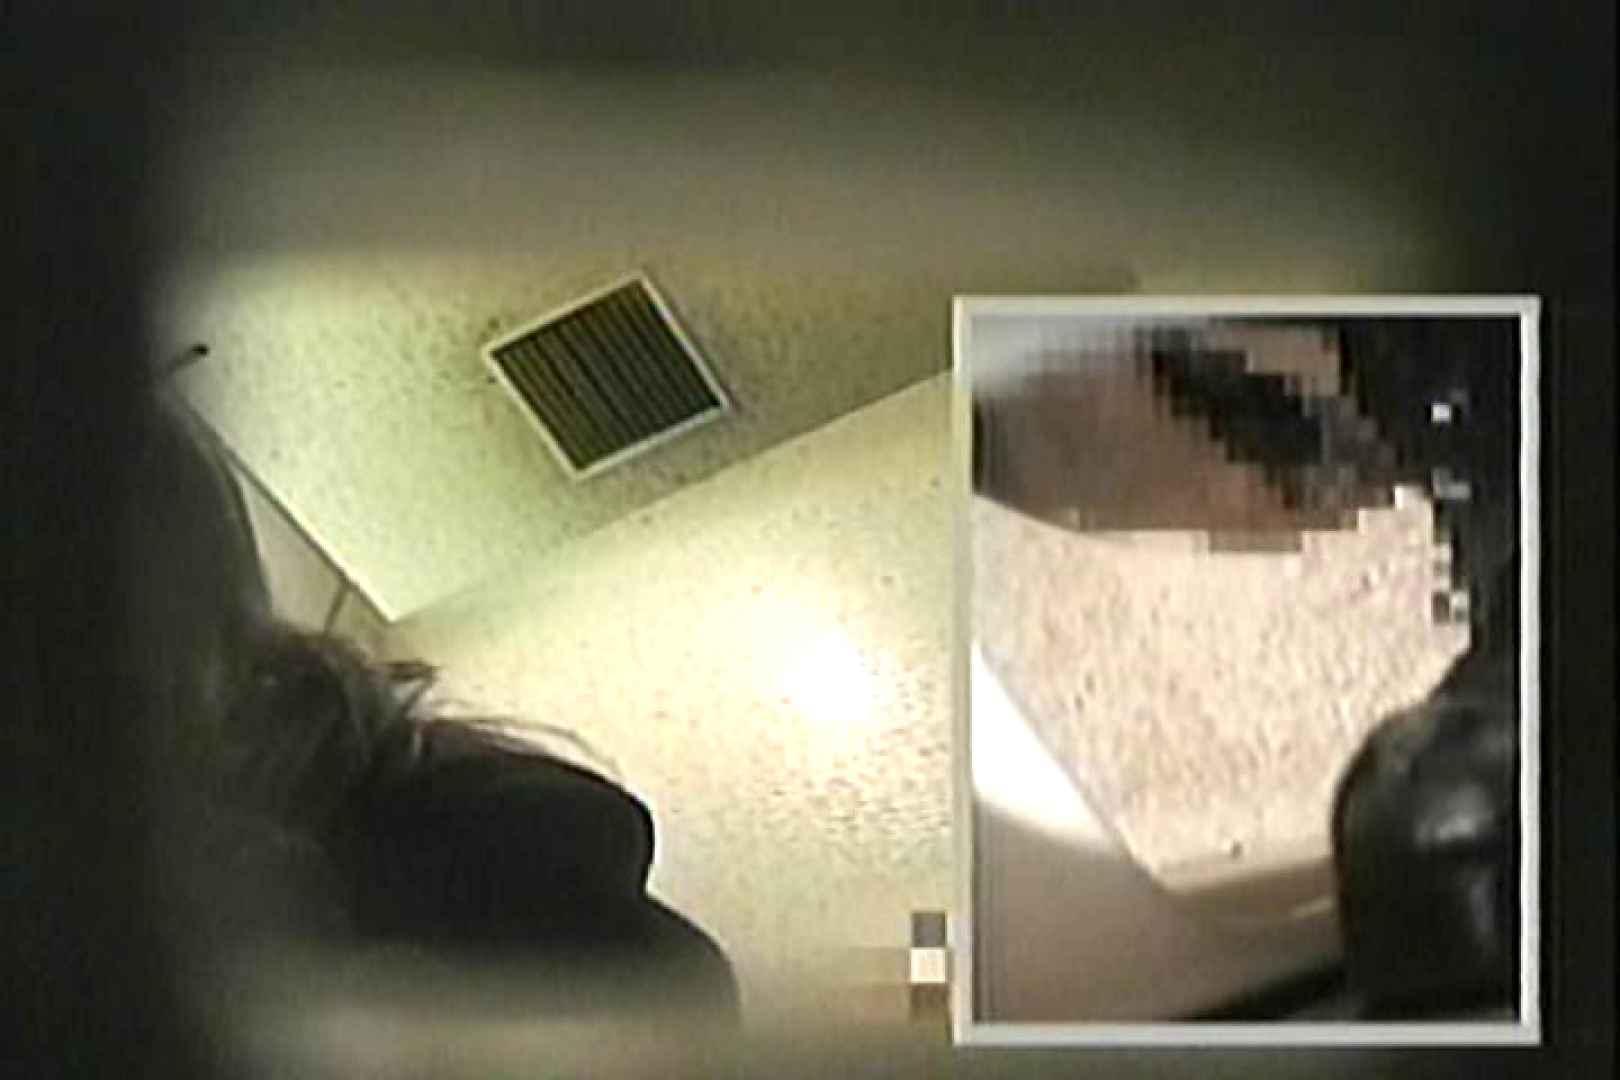 女子洗面所盗撮 今度の2カメは若い子だらけ  TK-127 マルチアングル AV無料動画キャプチャ 49連発 24